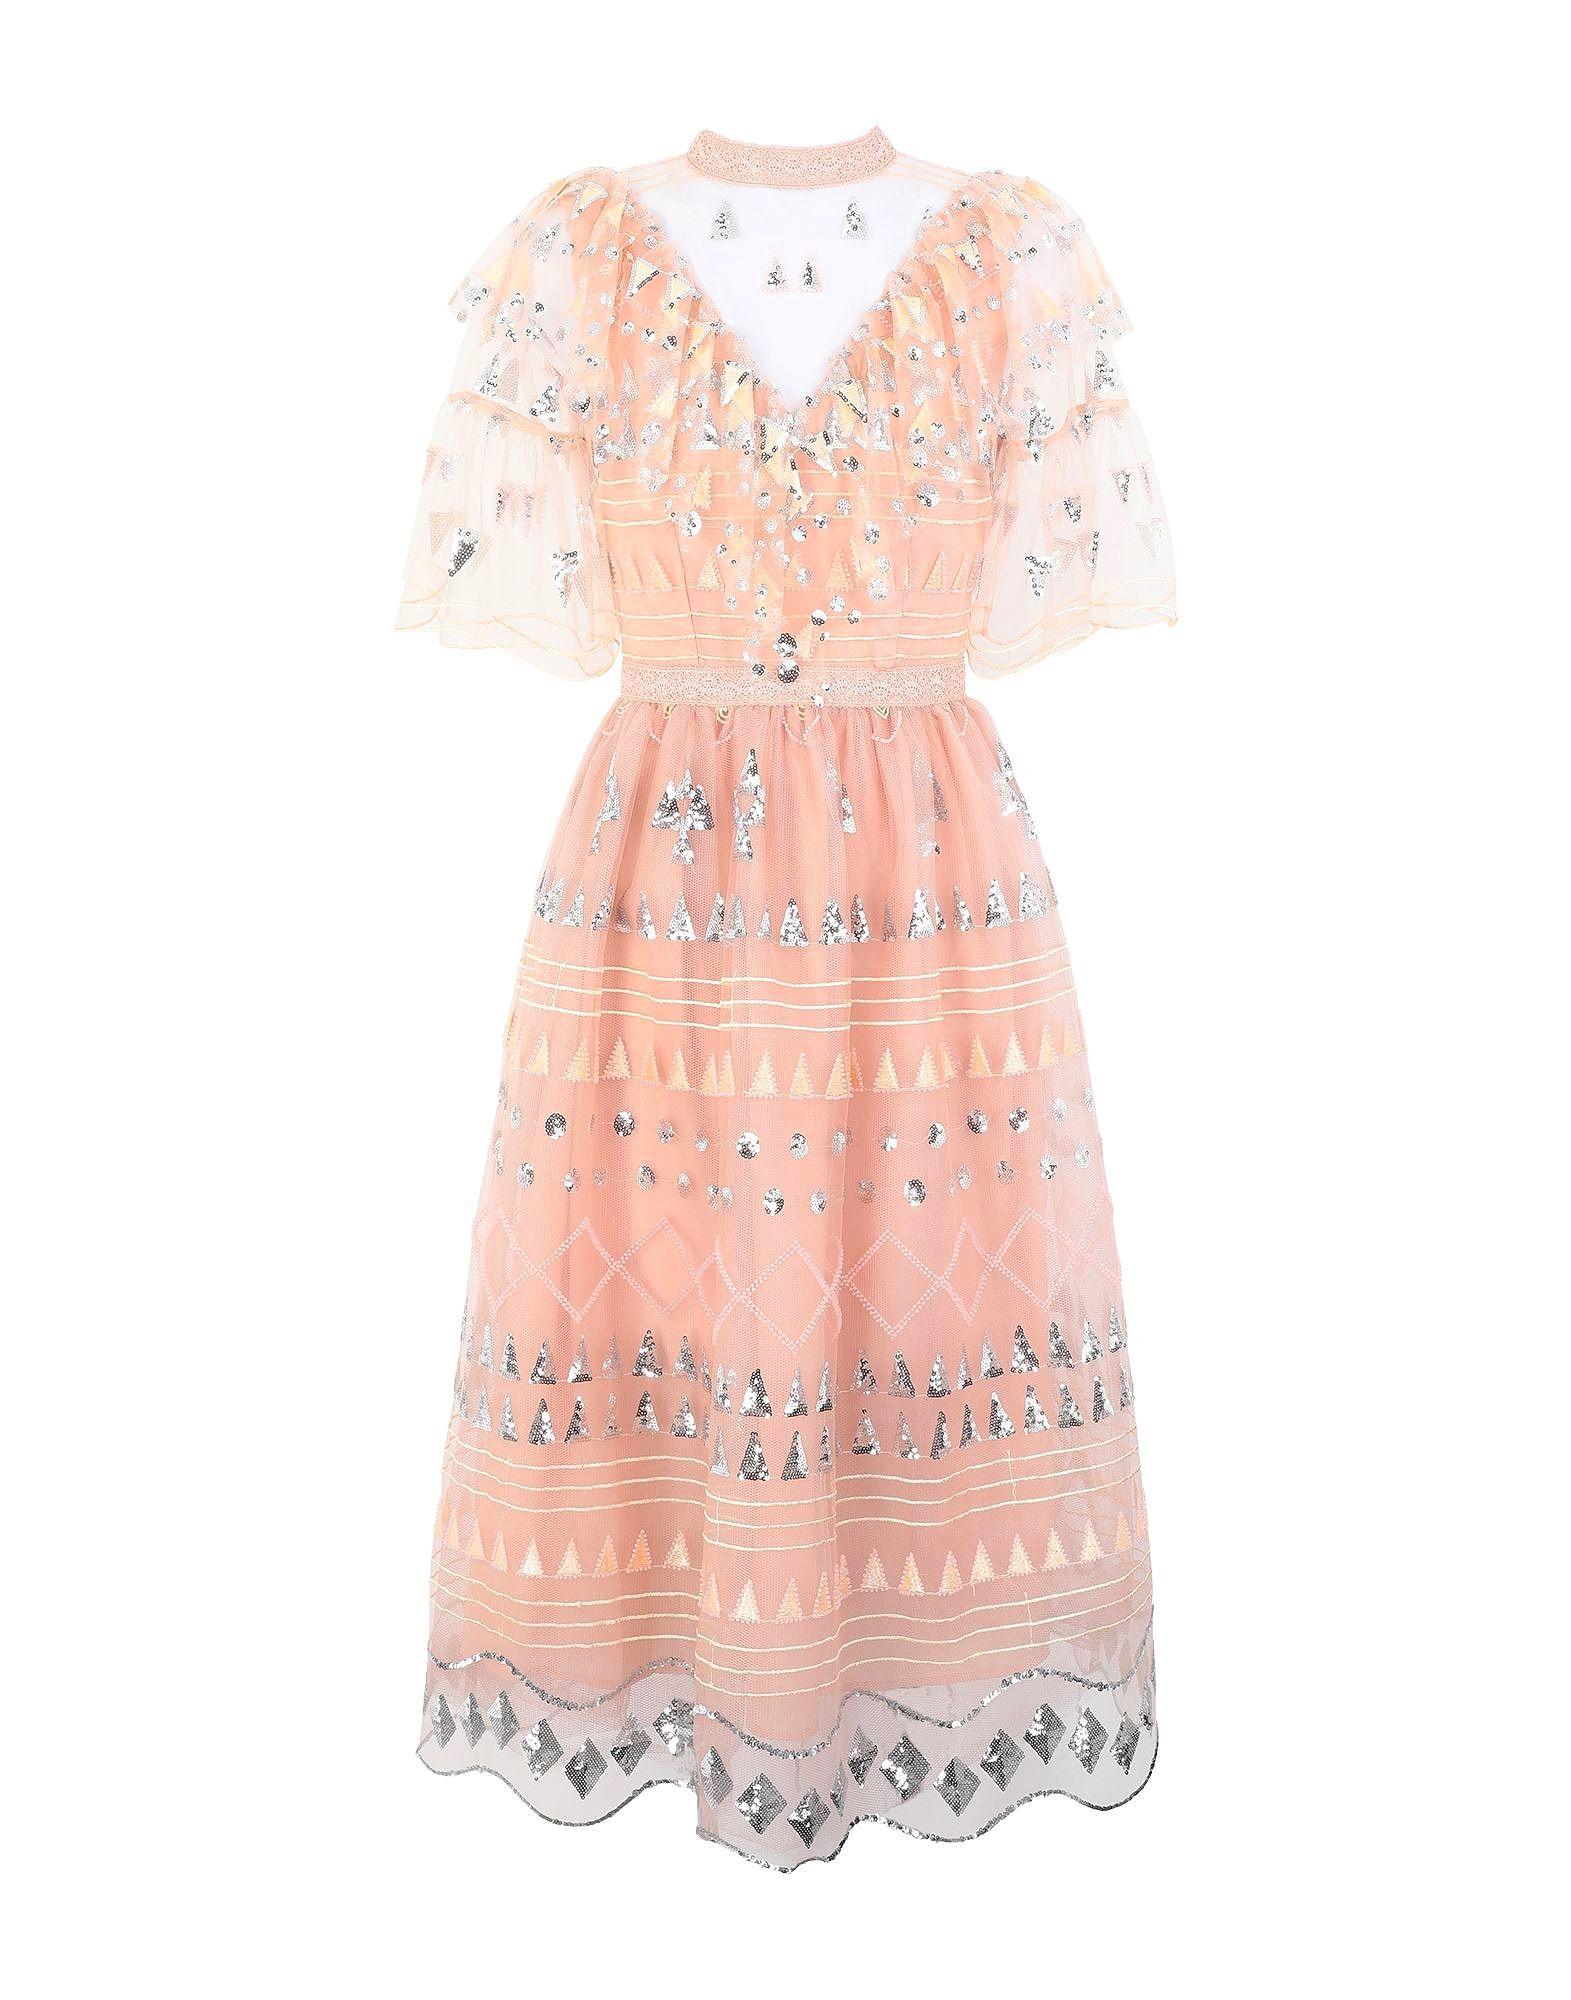 True Decadence Knee-Length Dress - Women True Decadence Knee-Length Dresses online on YOOX United States - 34994704FO